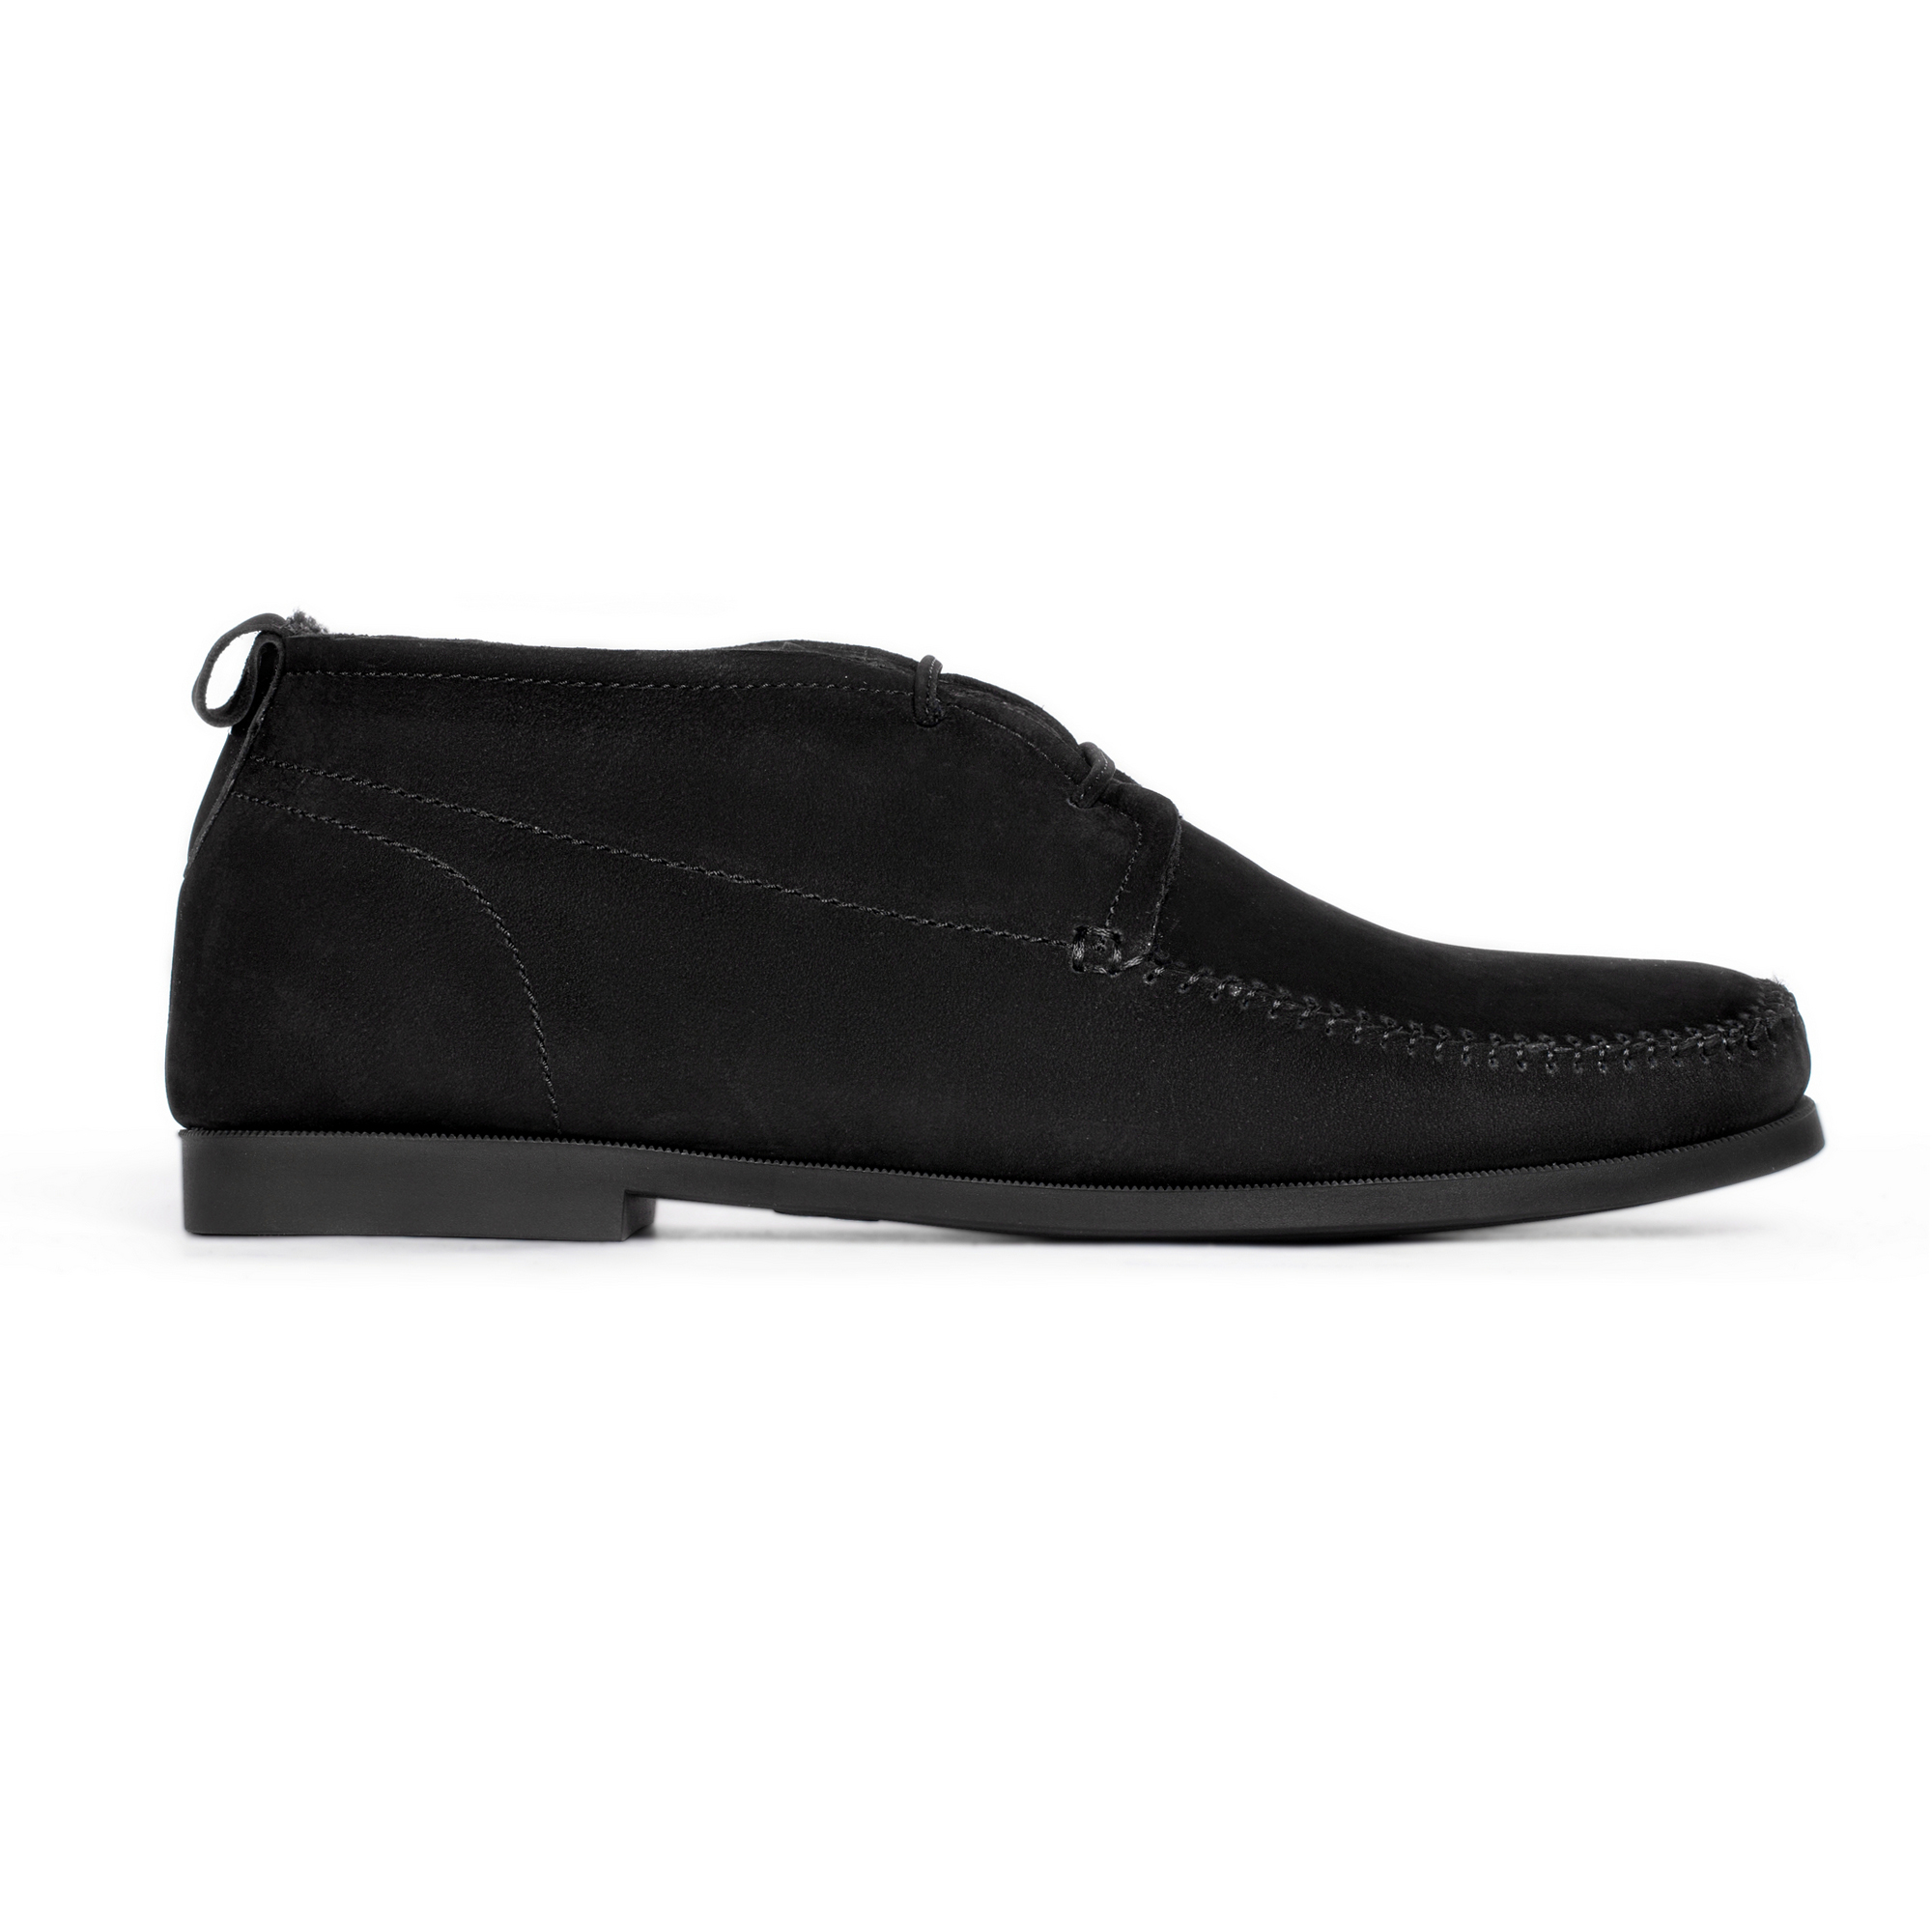 Ботинки из нубука черного цвета на шнуровкеПолуботинки мужские<br><br>Материал верха: Нубук<br>Материал подкладки: Кожа<br>Материал подошвы: Полиуретан<br>Цвет: Черный<br>Высота каблука: 1 см<br>Дизайн: Италия<br>Страна производства: Китай<br><br>Высота каблука: 1 см<br>Материал верха: Нубук<br>Материал подкладки: Мех<br>Цвет: Черный<br>Пол: Мужской<br>Вес кг: 2.20000000<br>Размер обуви: 45**